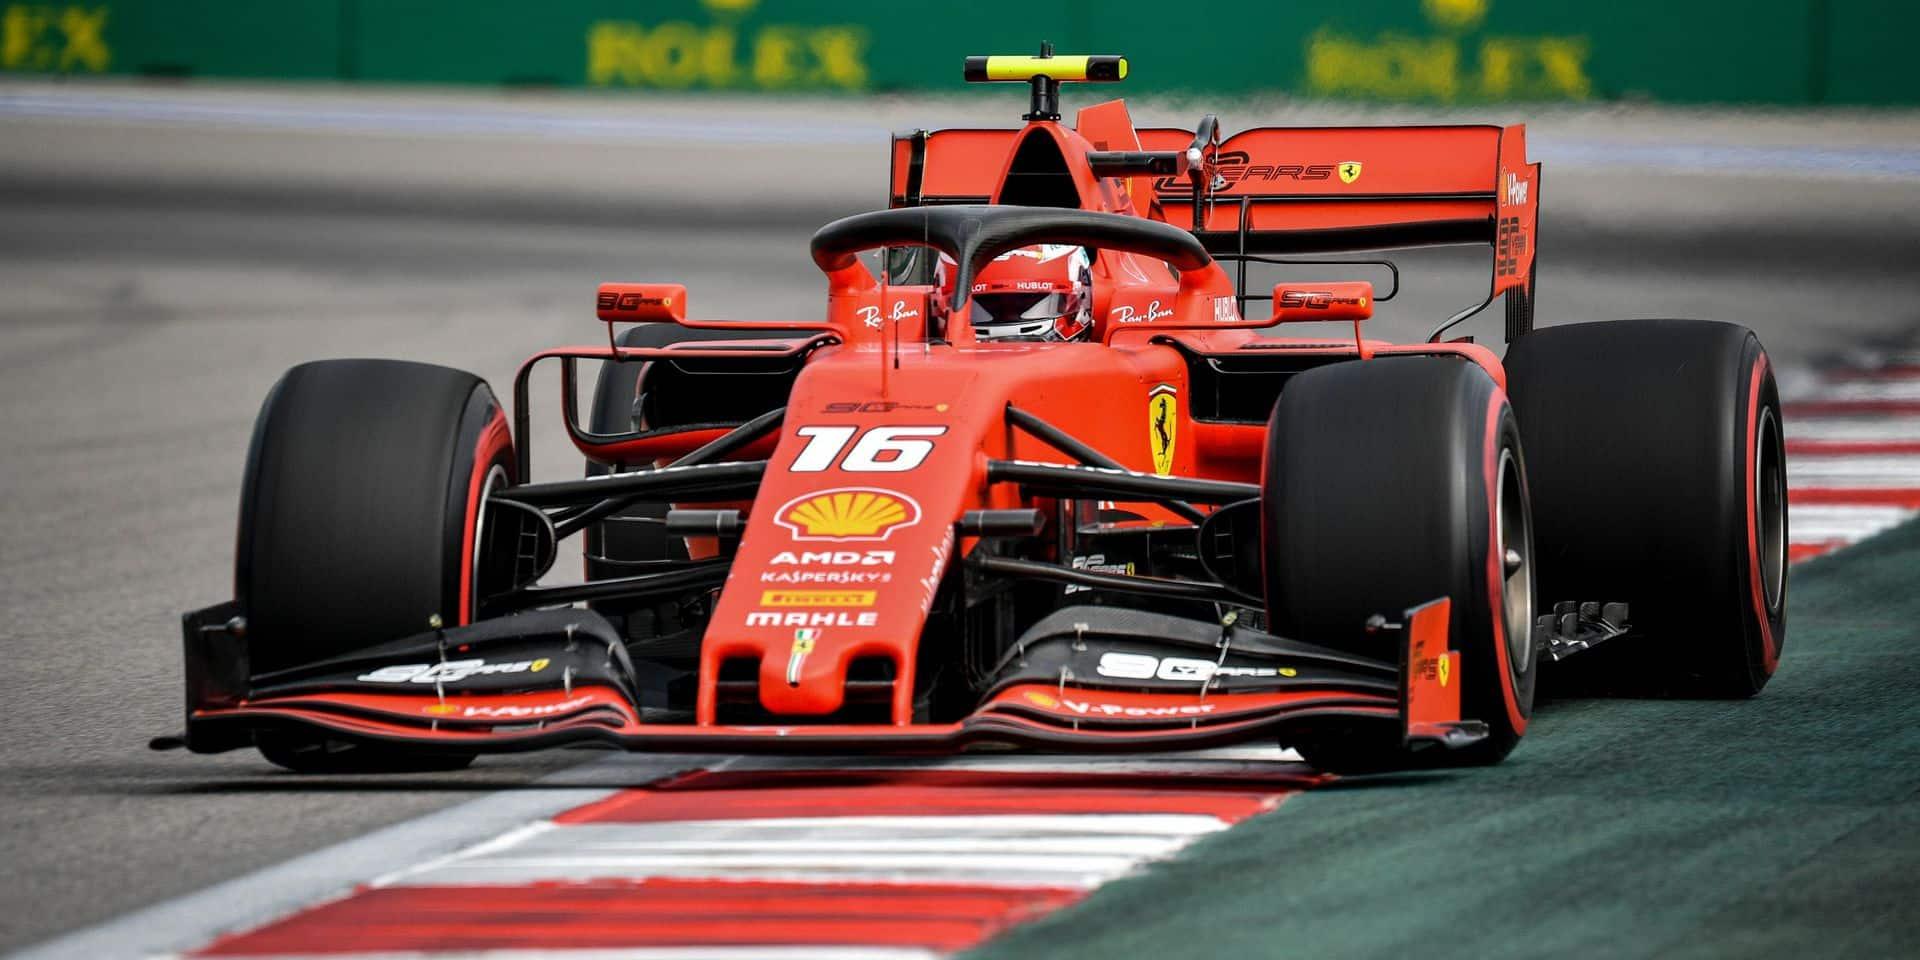 F1: Charles Leclerc devant lors de la 3e séance d'essais libres au GP de Russie